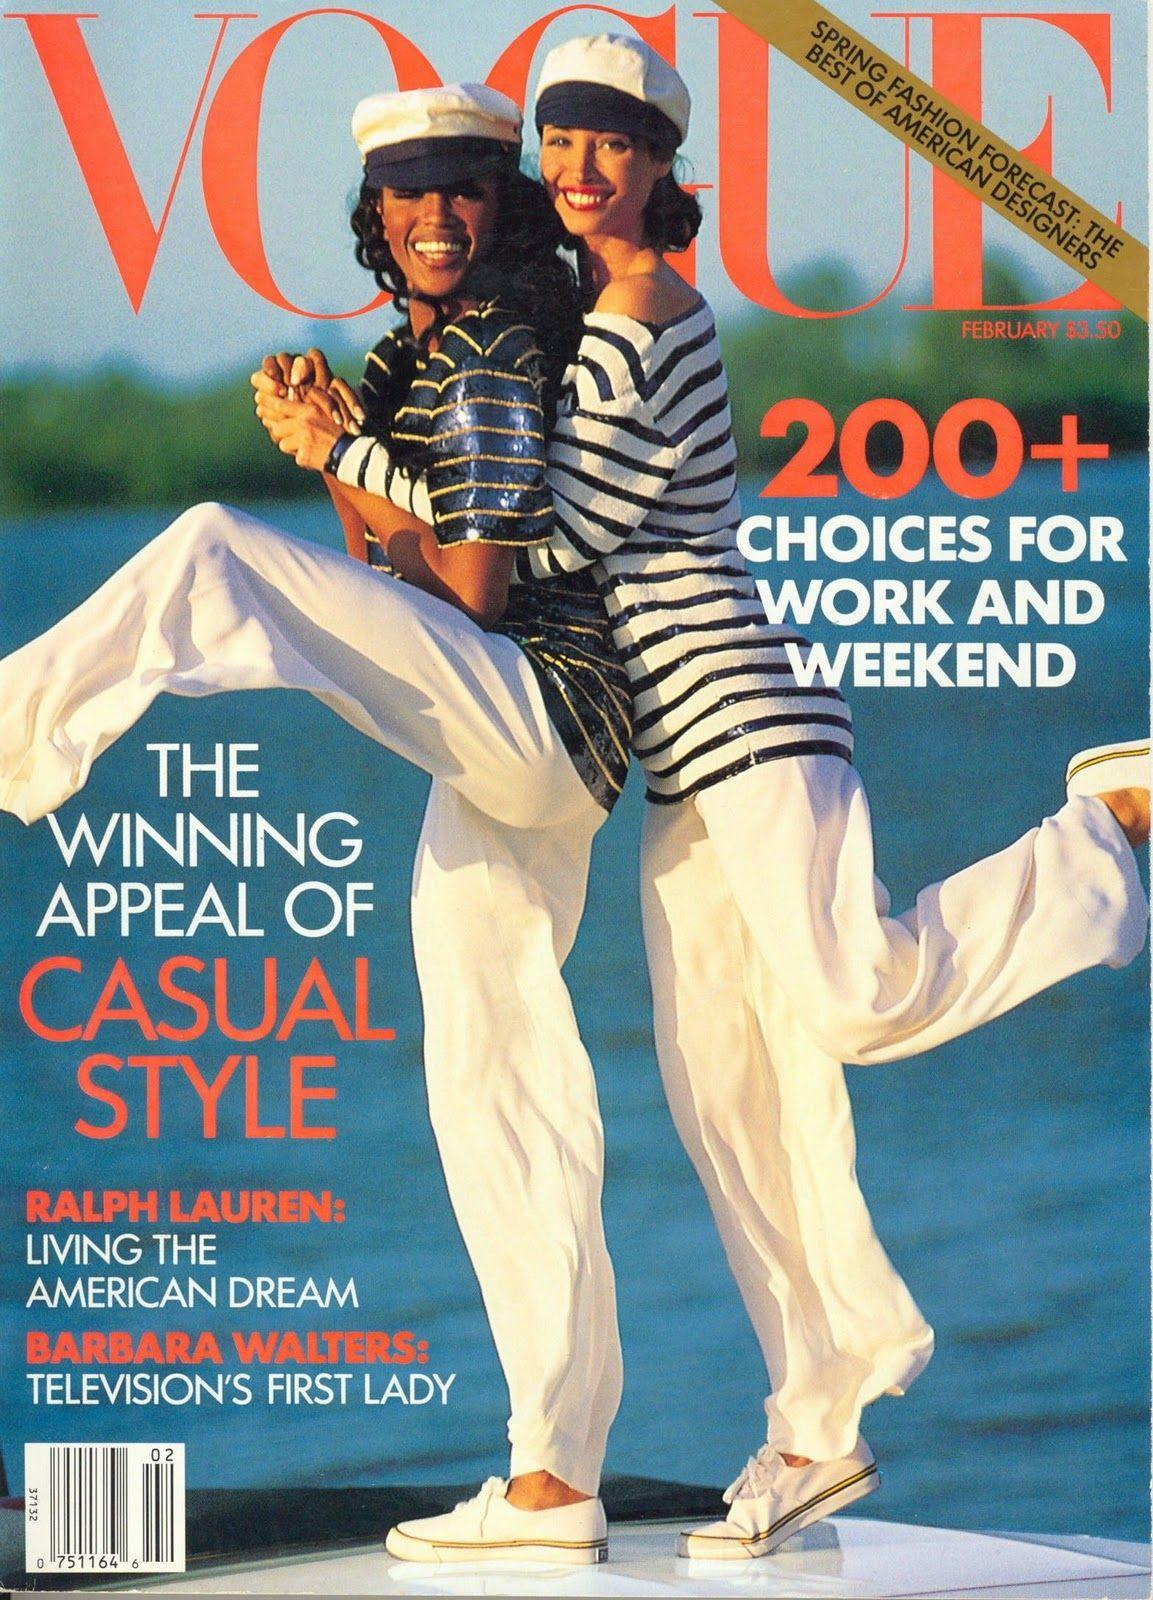 United Kingdom New York Model Management 65 Covers Vogue US (7) Vogue Paris  (6) Vogue Italia (10) Vogue UK (8) Vogue Germany (6) V.. 7ff18391ad